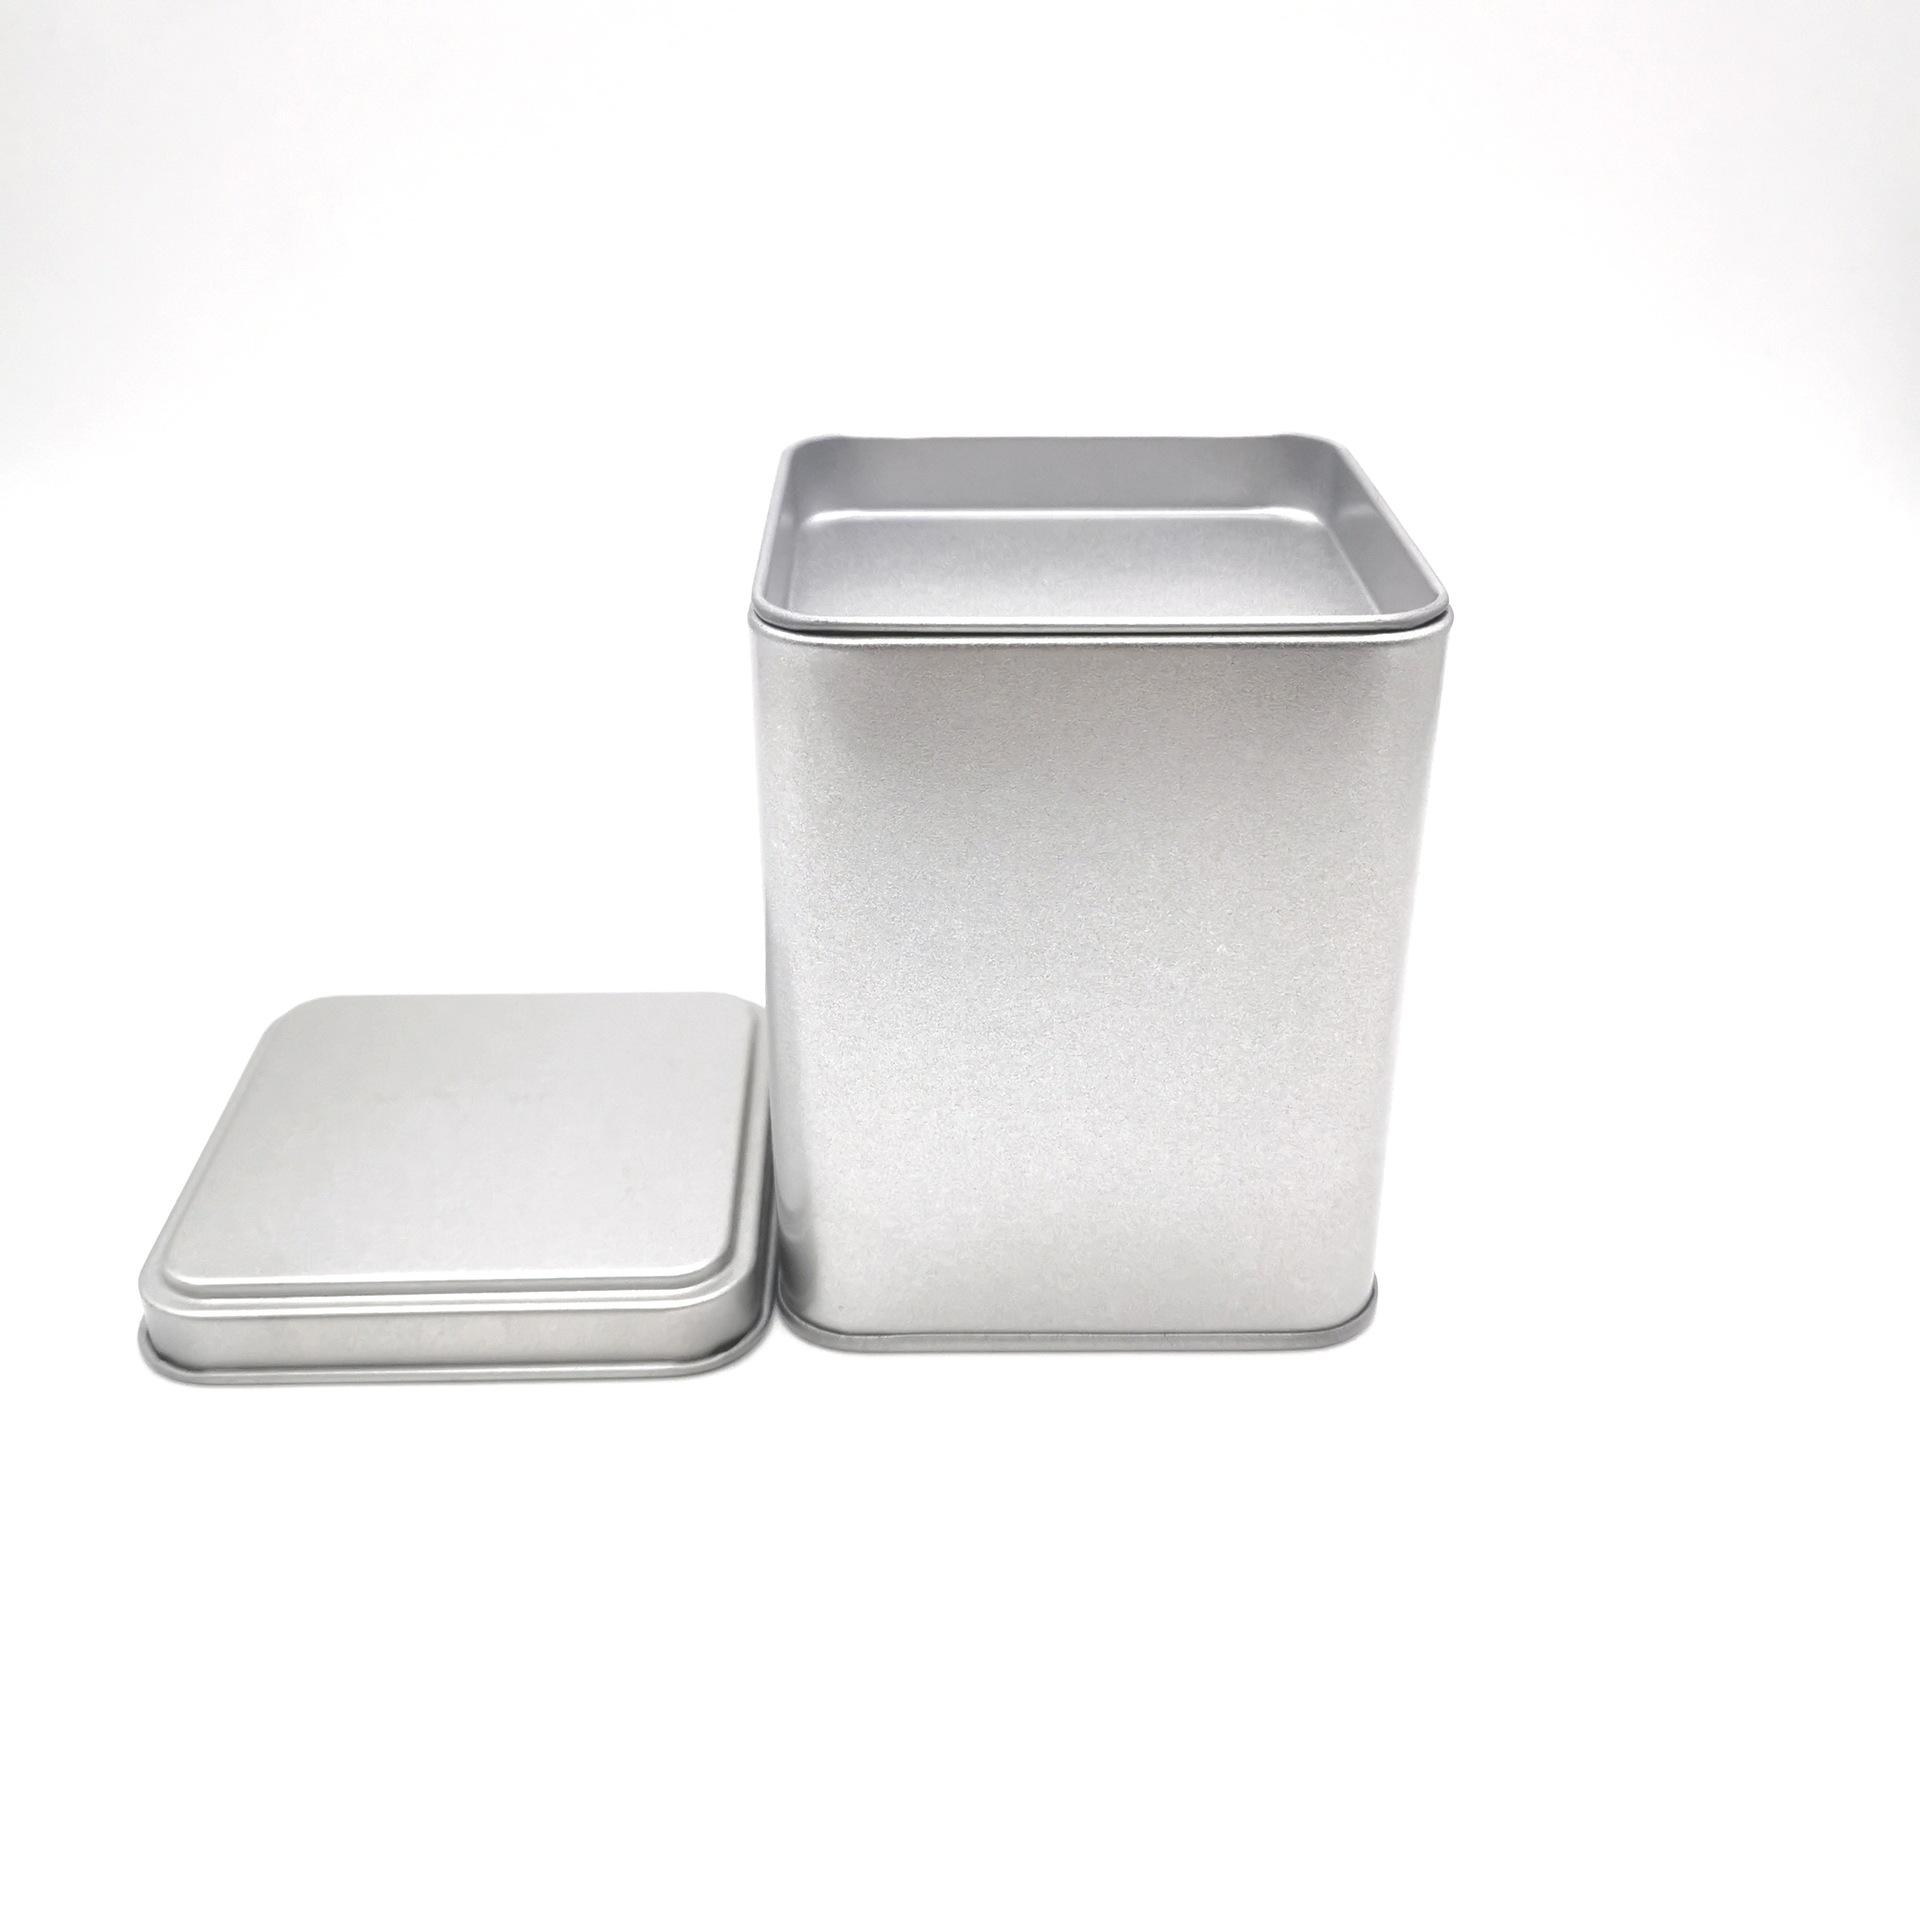 Hũ kim loại Hộp trà vuông hộp đồ lót hộp trà hoa trà có thể kim loại hộp thiếc thiếc hộp tùy chỉnh h